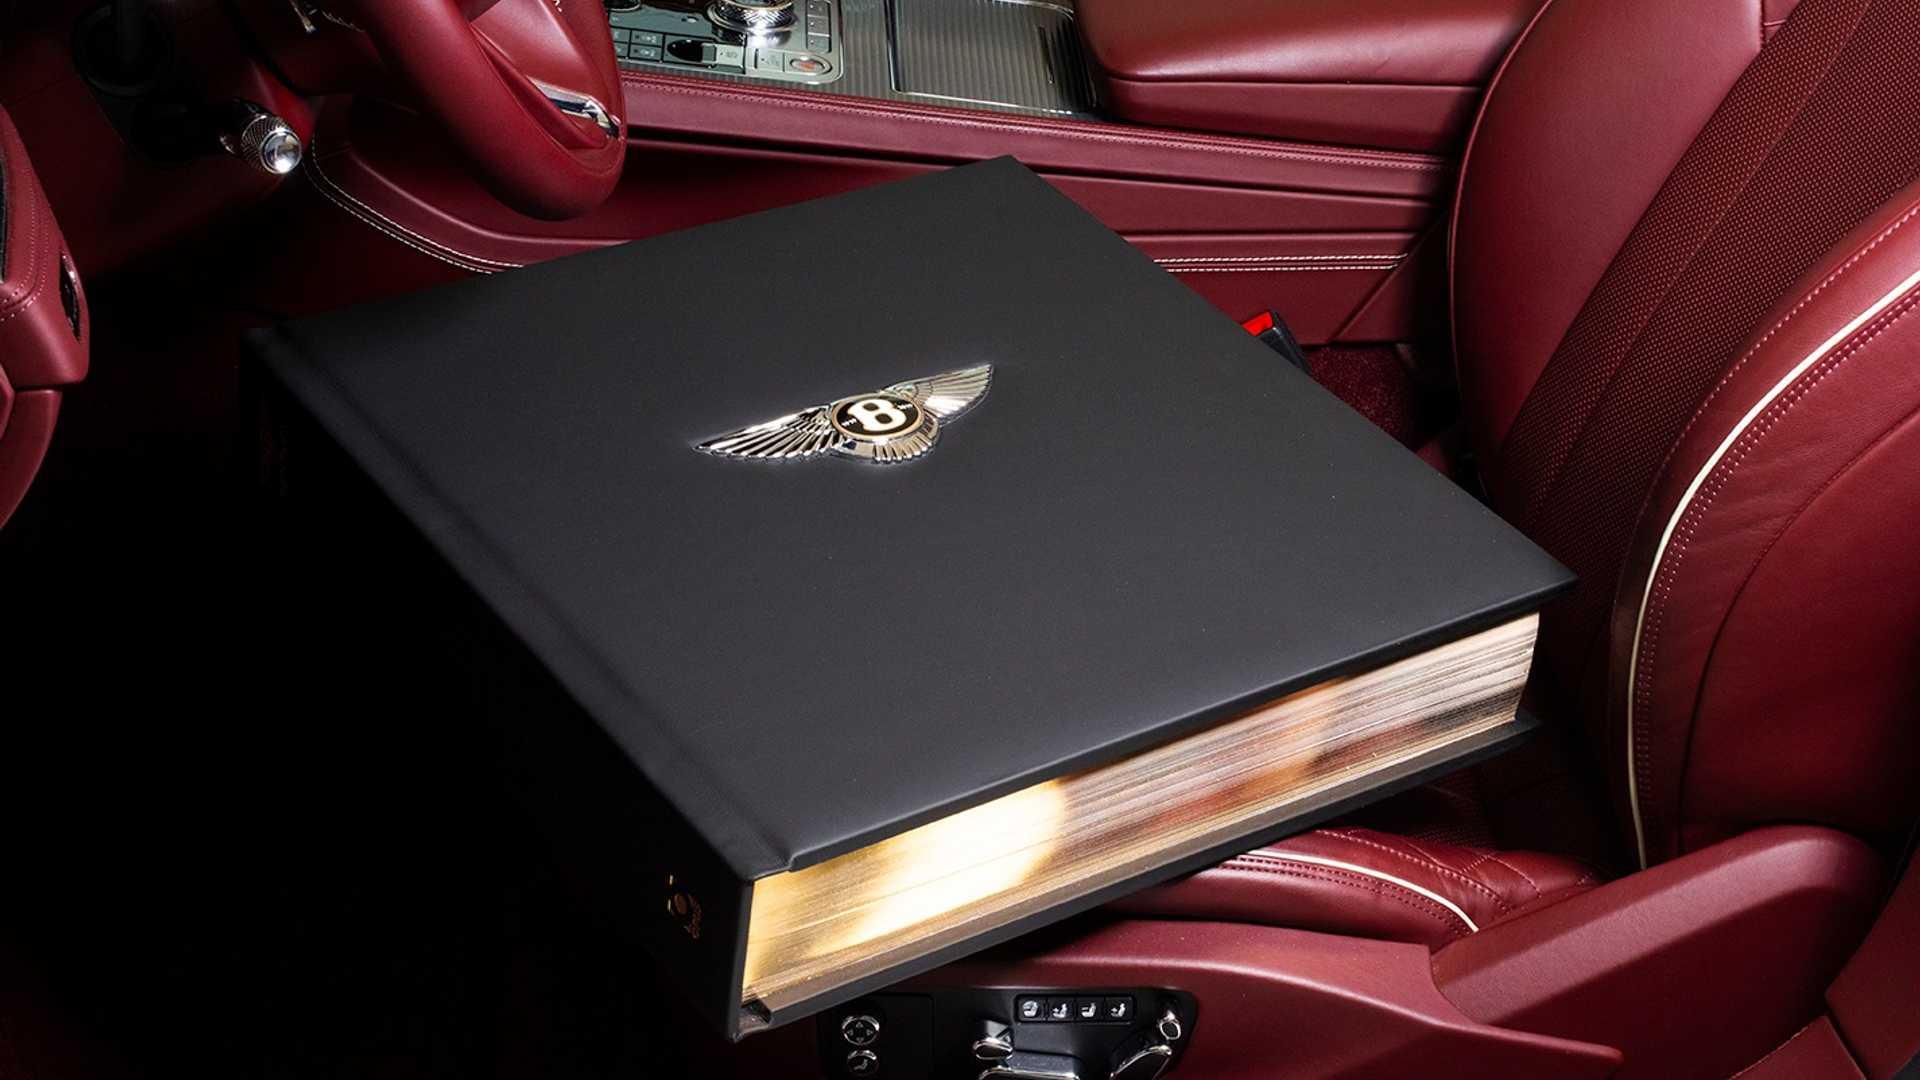 30-килограммовая книга обистории Bentley обойдётся вцену нового Bentley